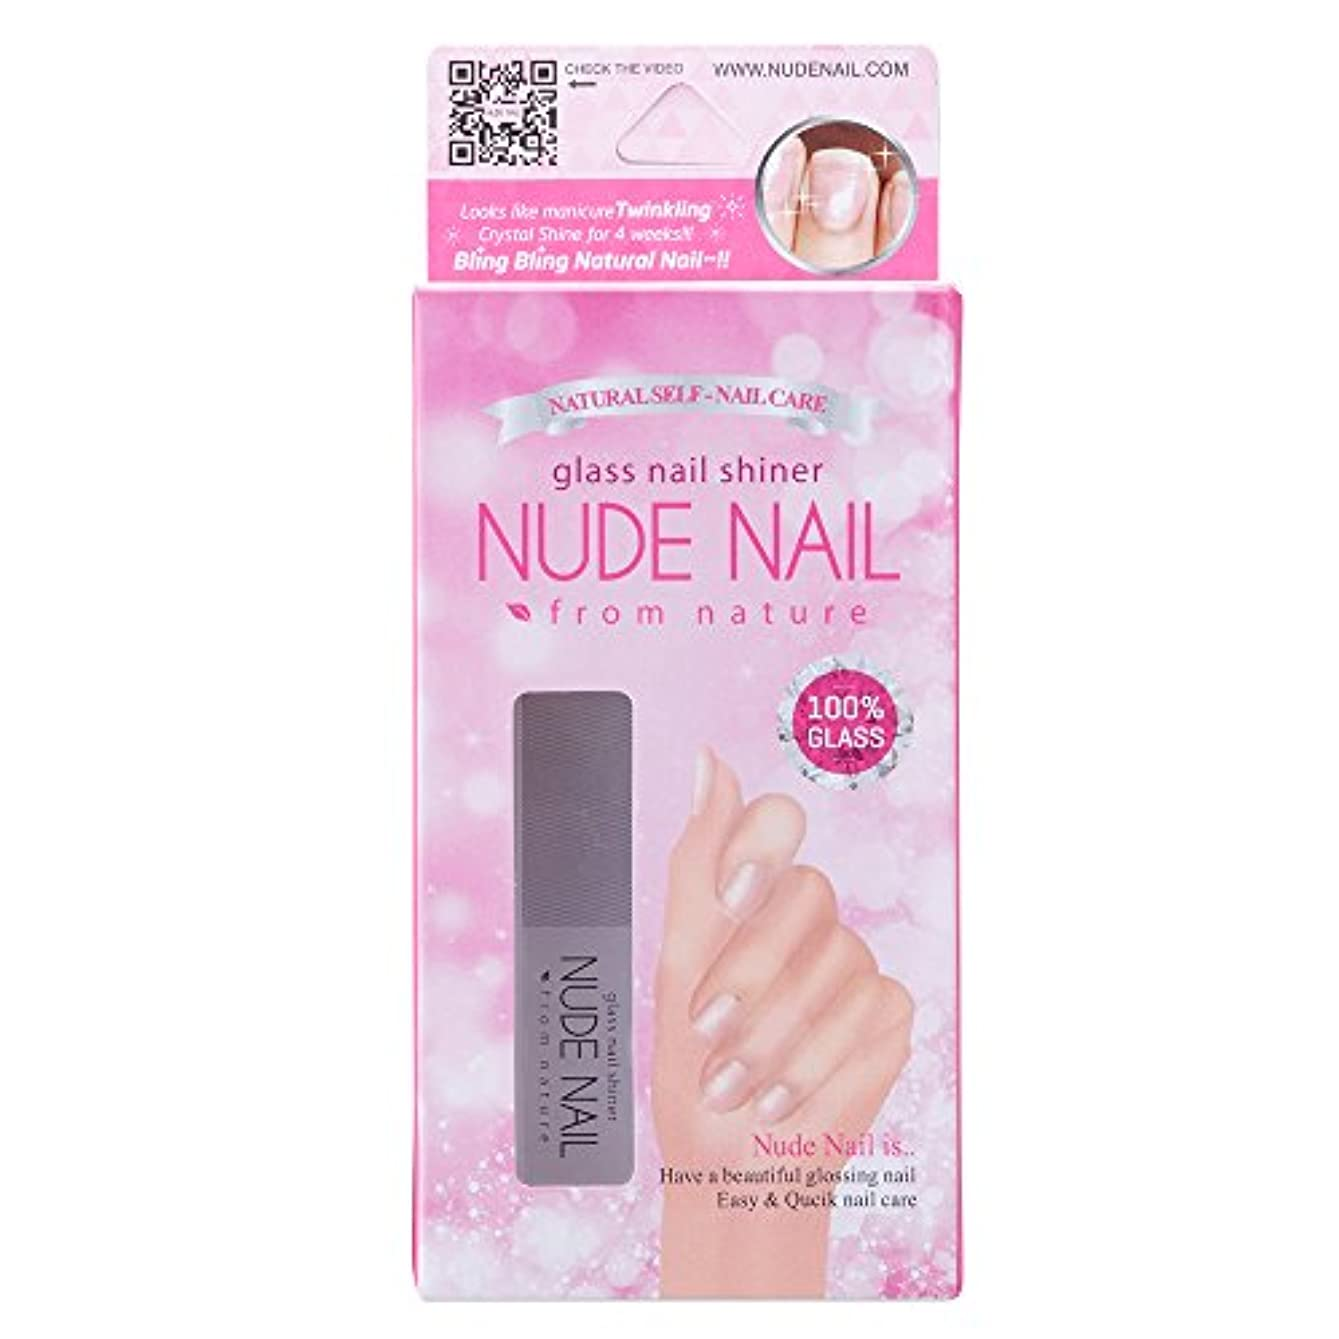 合金武器日光ヌードネイル グラス ネイル シャイナー ガラス製爪ヤスリ NUDE NAIL glass nail shiner